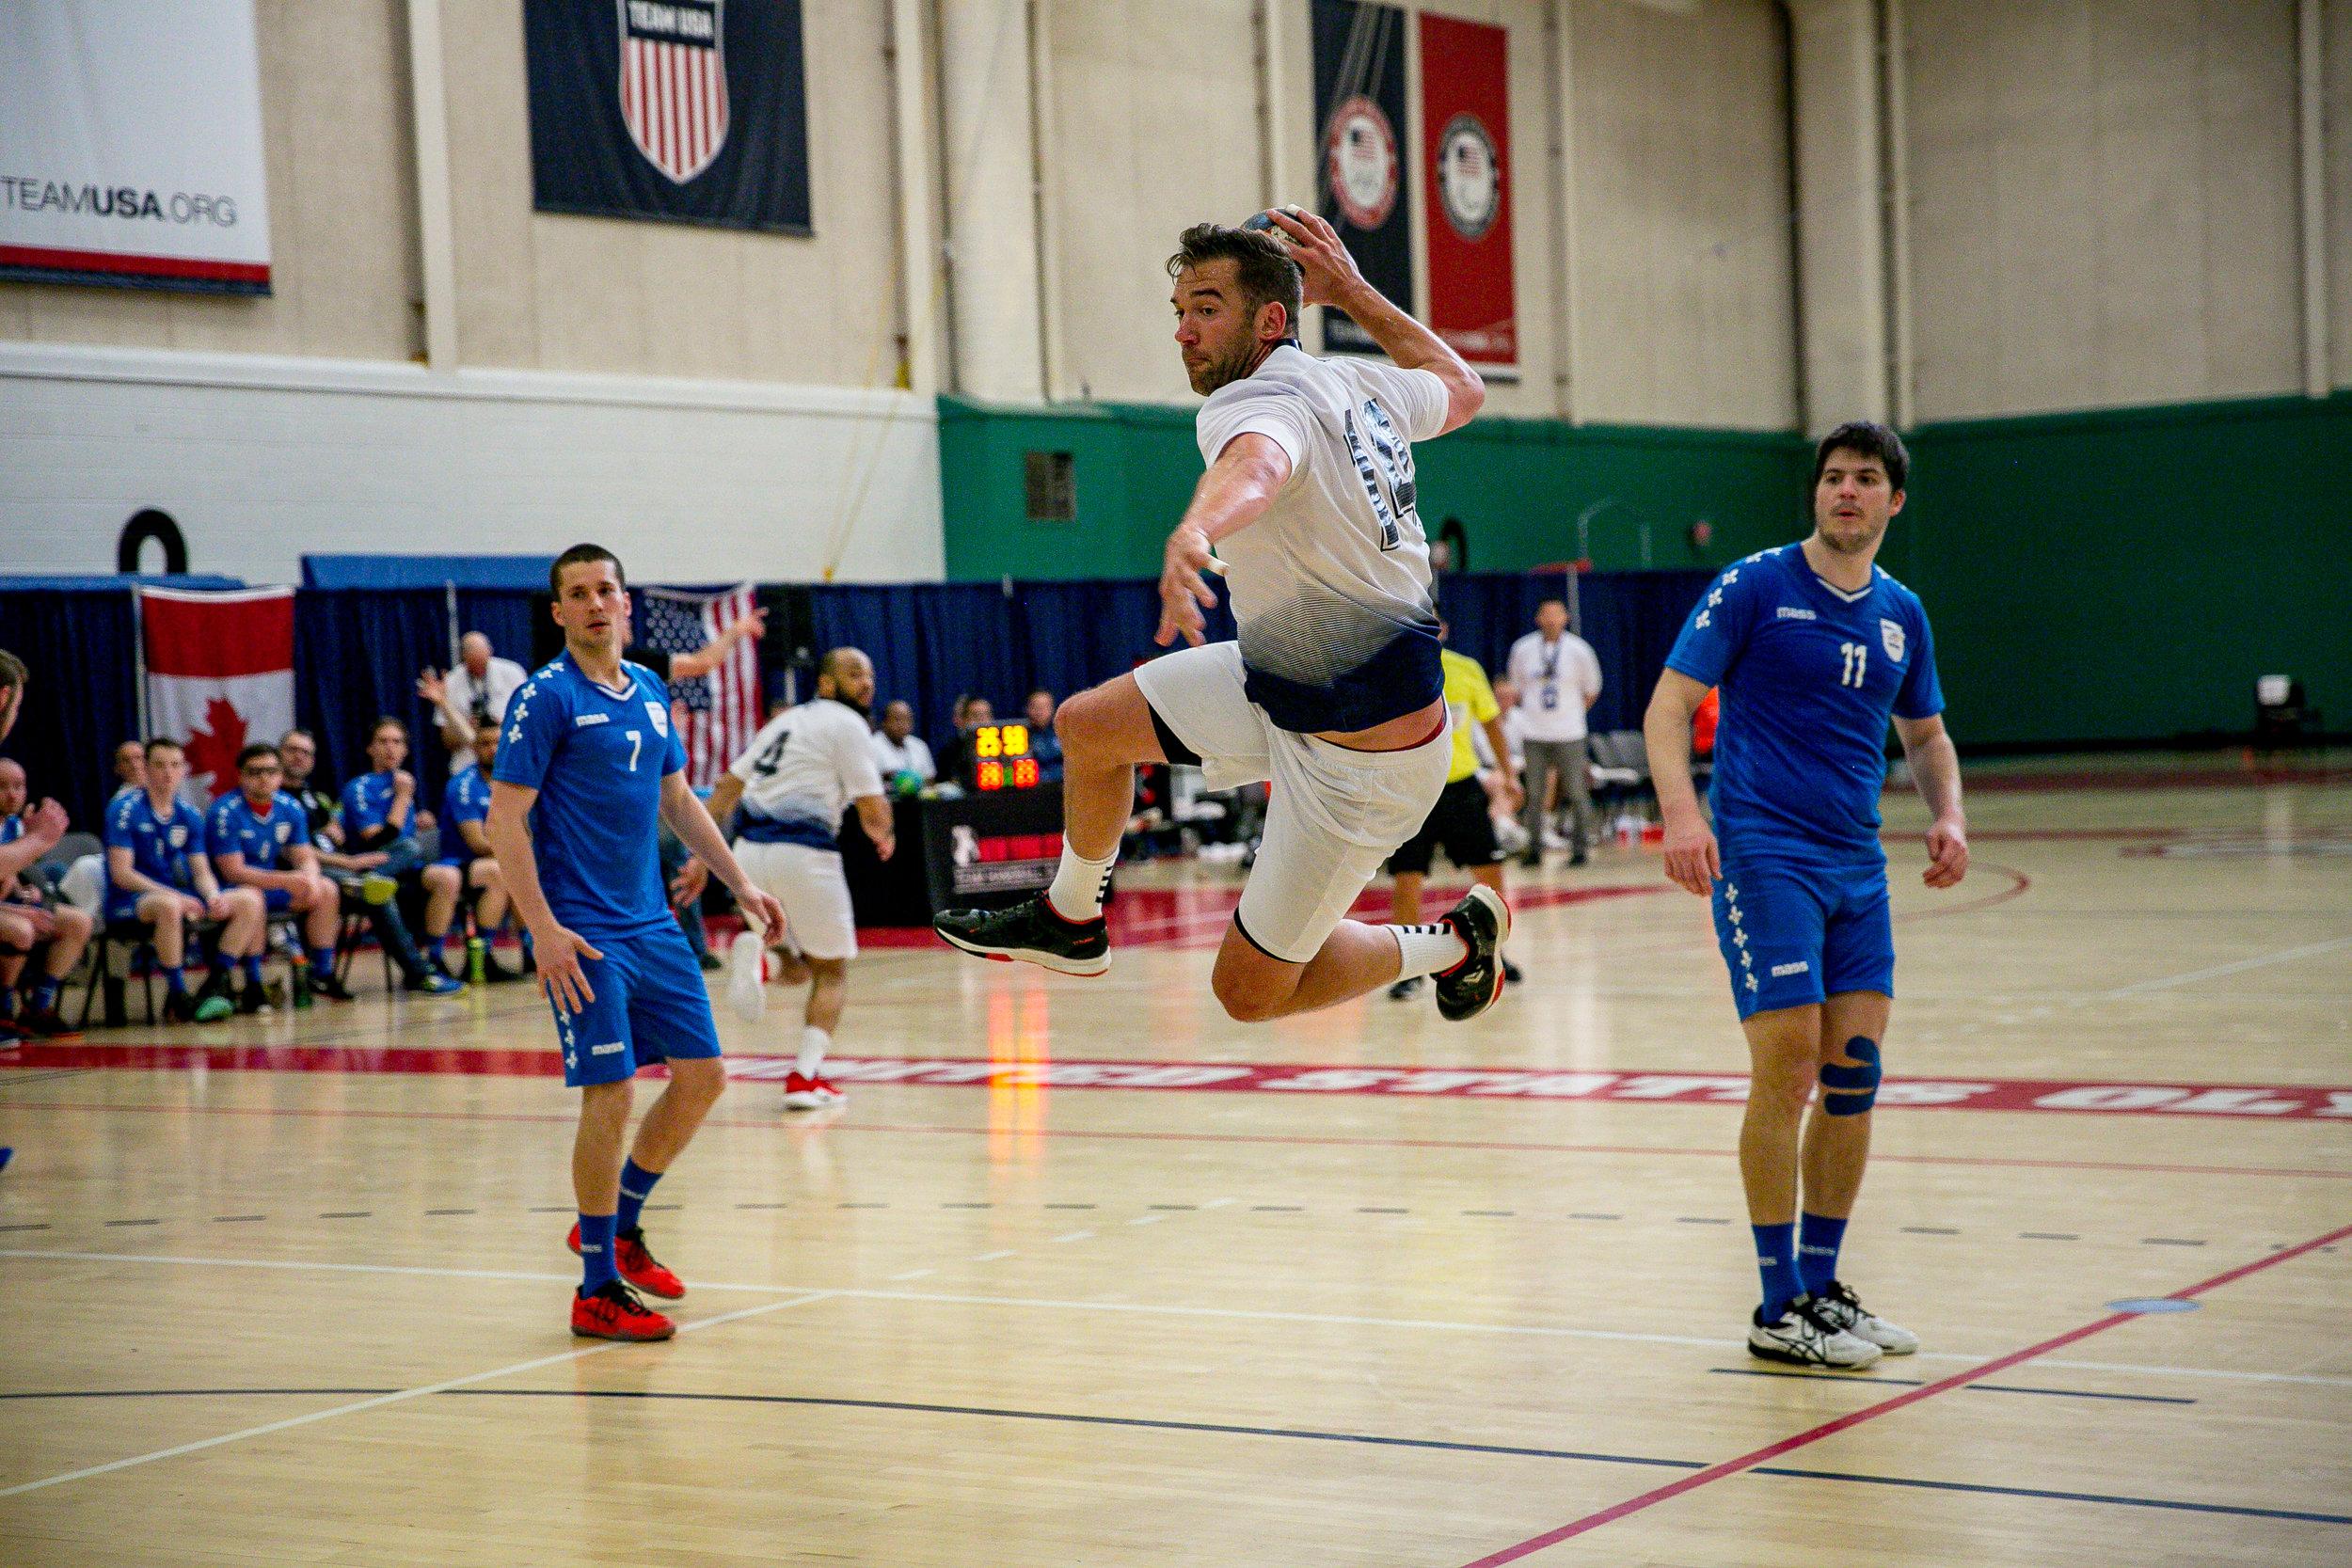 Handball Day 2 (11 of 11).jpg